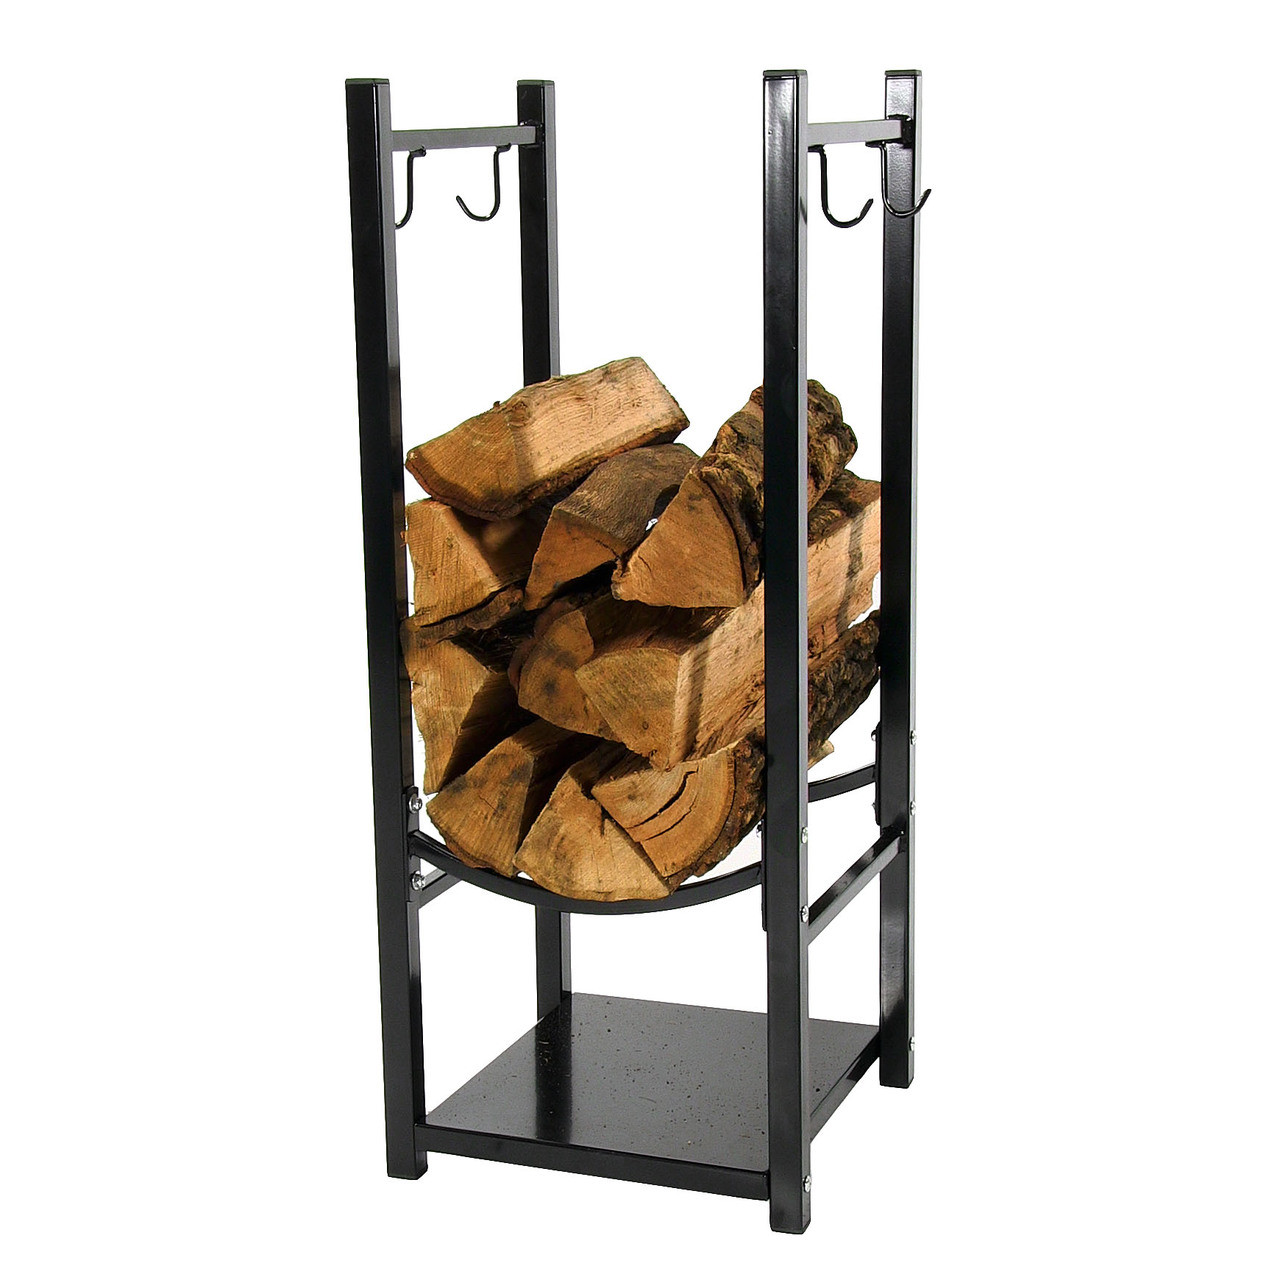 Sunnydaze Indoor/Outdoor Fireside Log Rack with Tool Holders ...